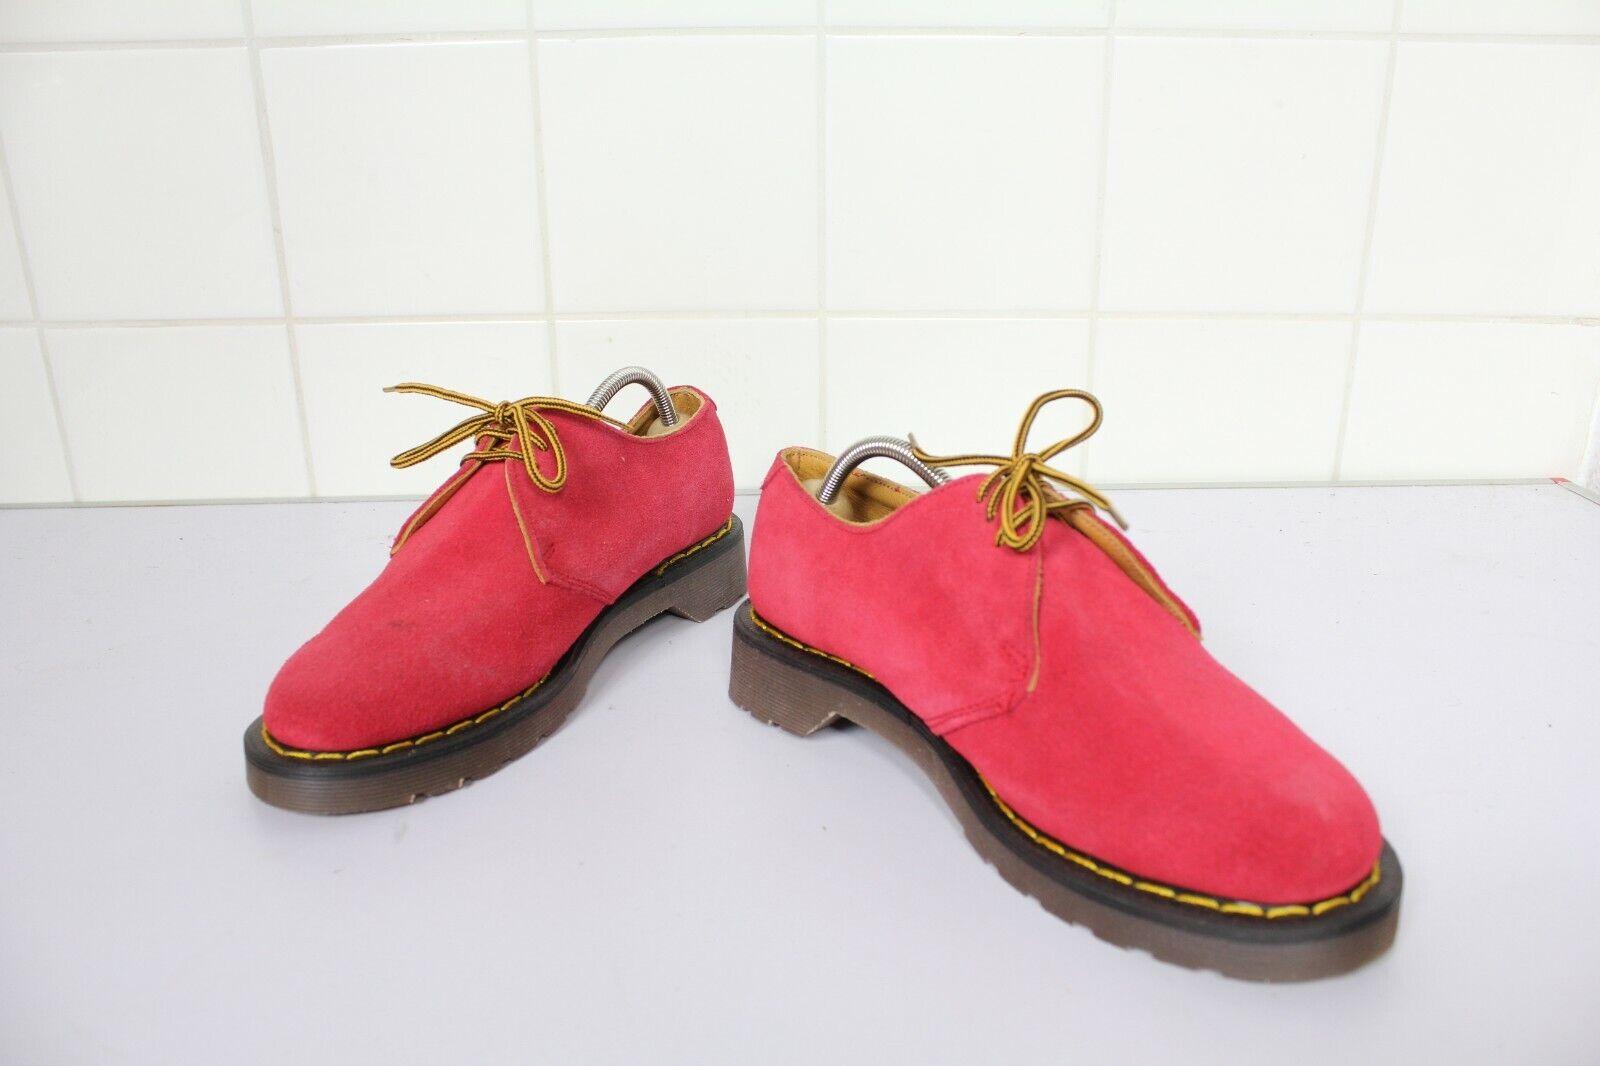 Vintage Dr. Martens Rare 90s Schuhe Wildleder Rottöne Eu 39-Uk 6 made in England